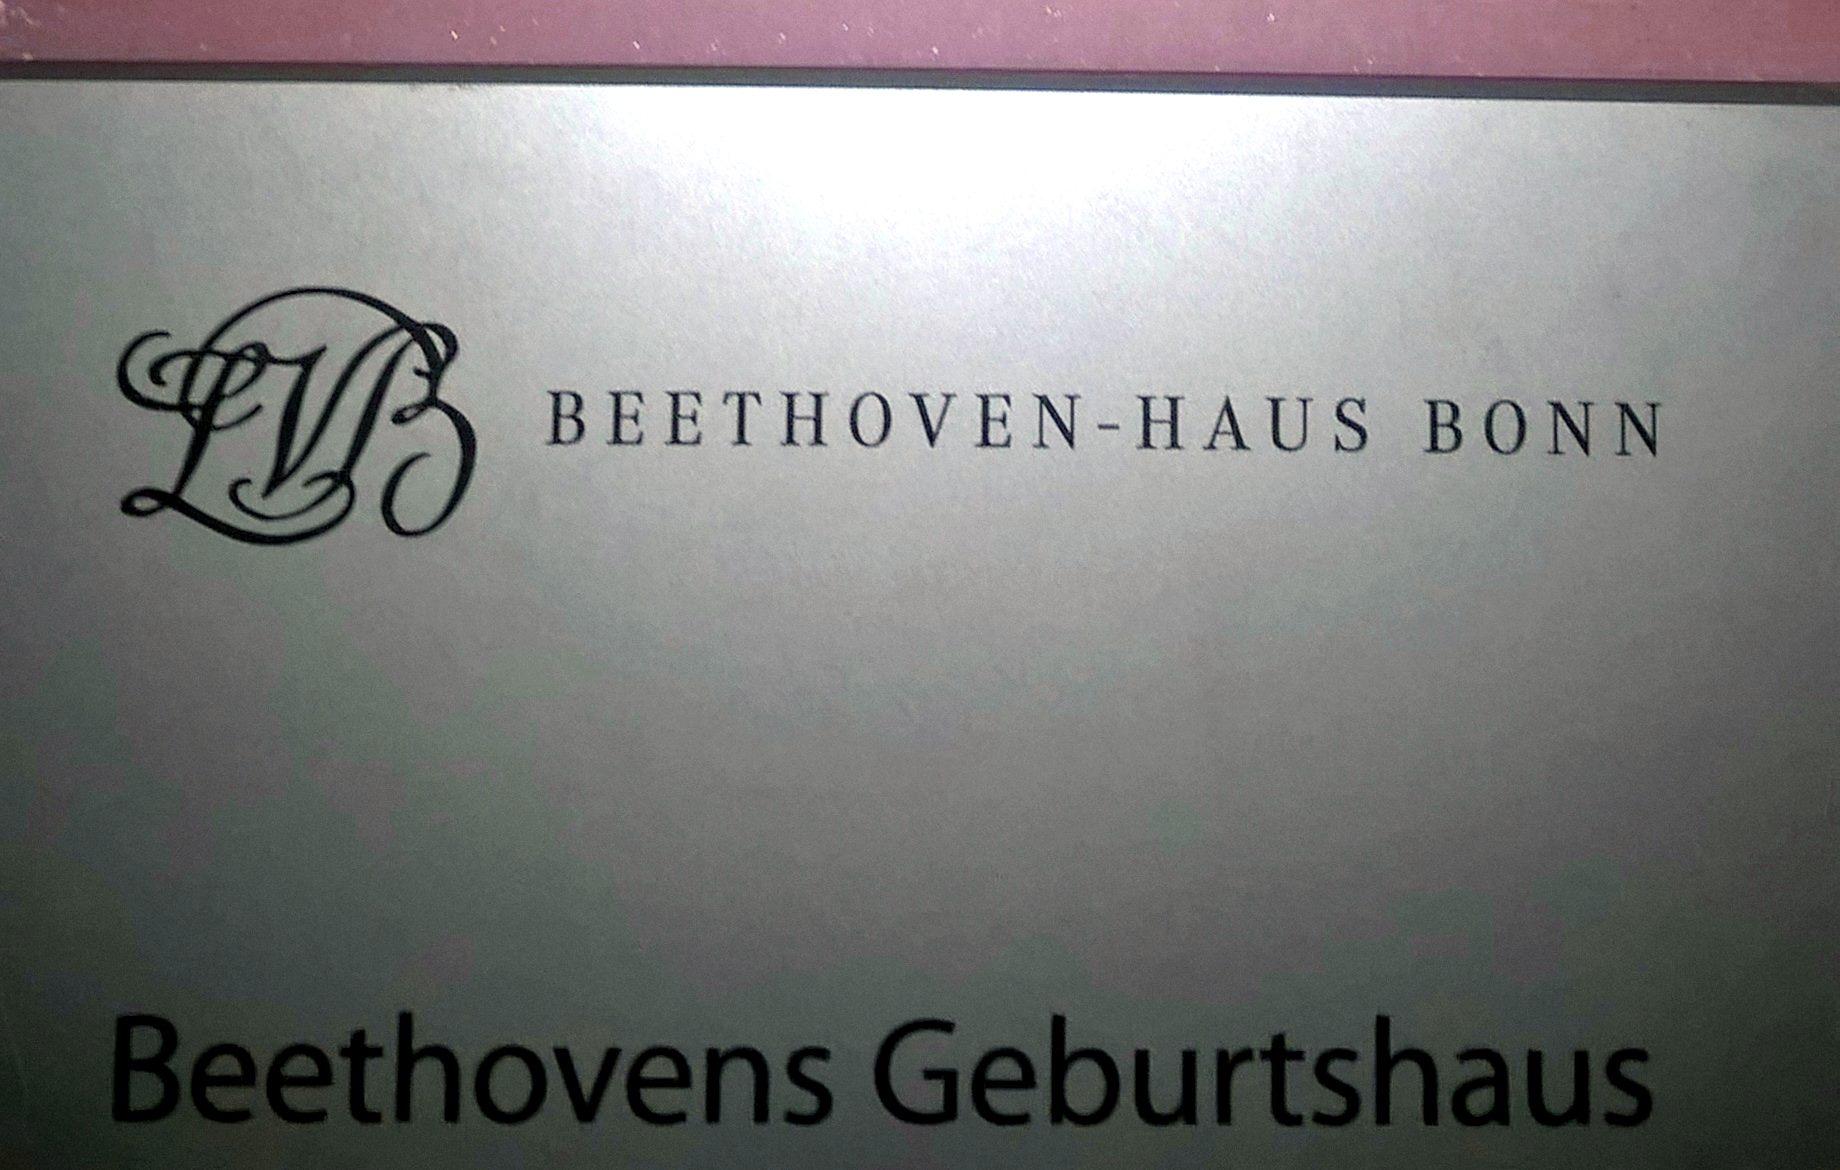 beethovens-geburtshaus-prb